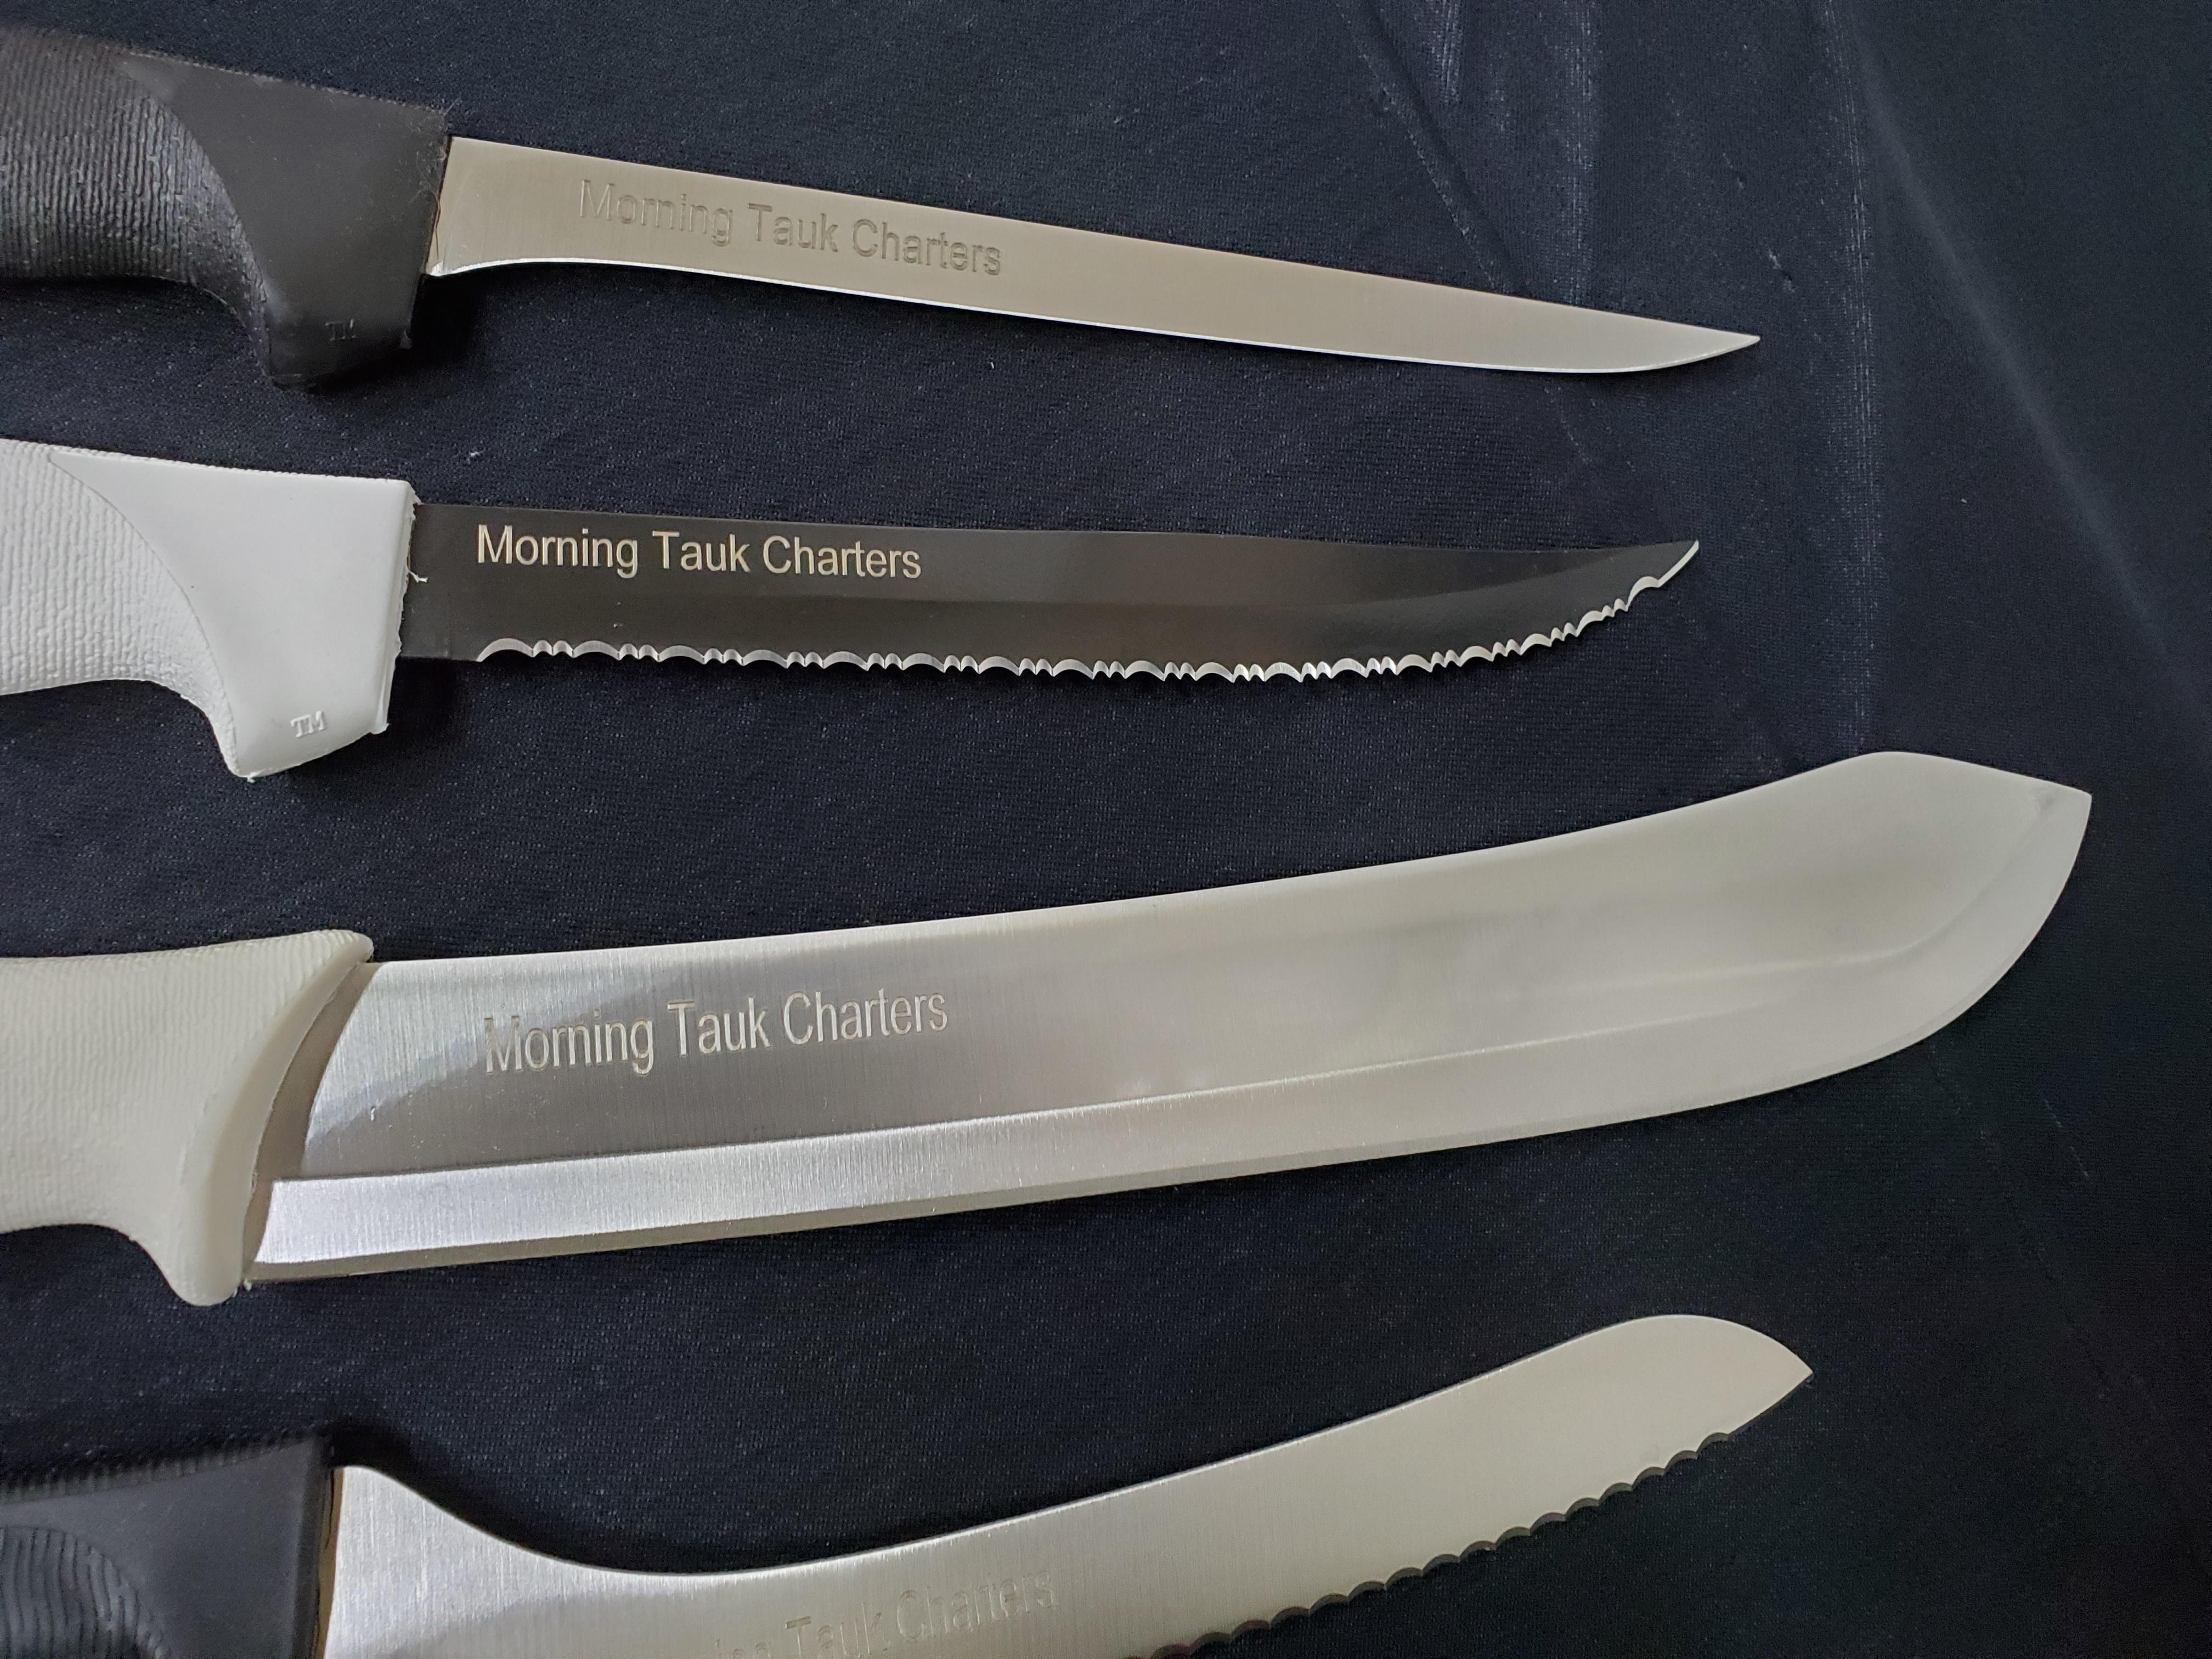 custom-engraved-dexter-knives-5-.jpg